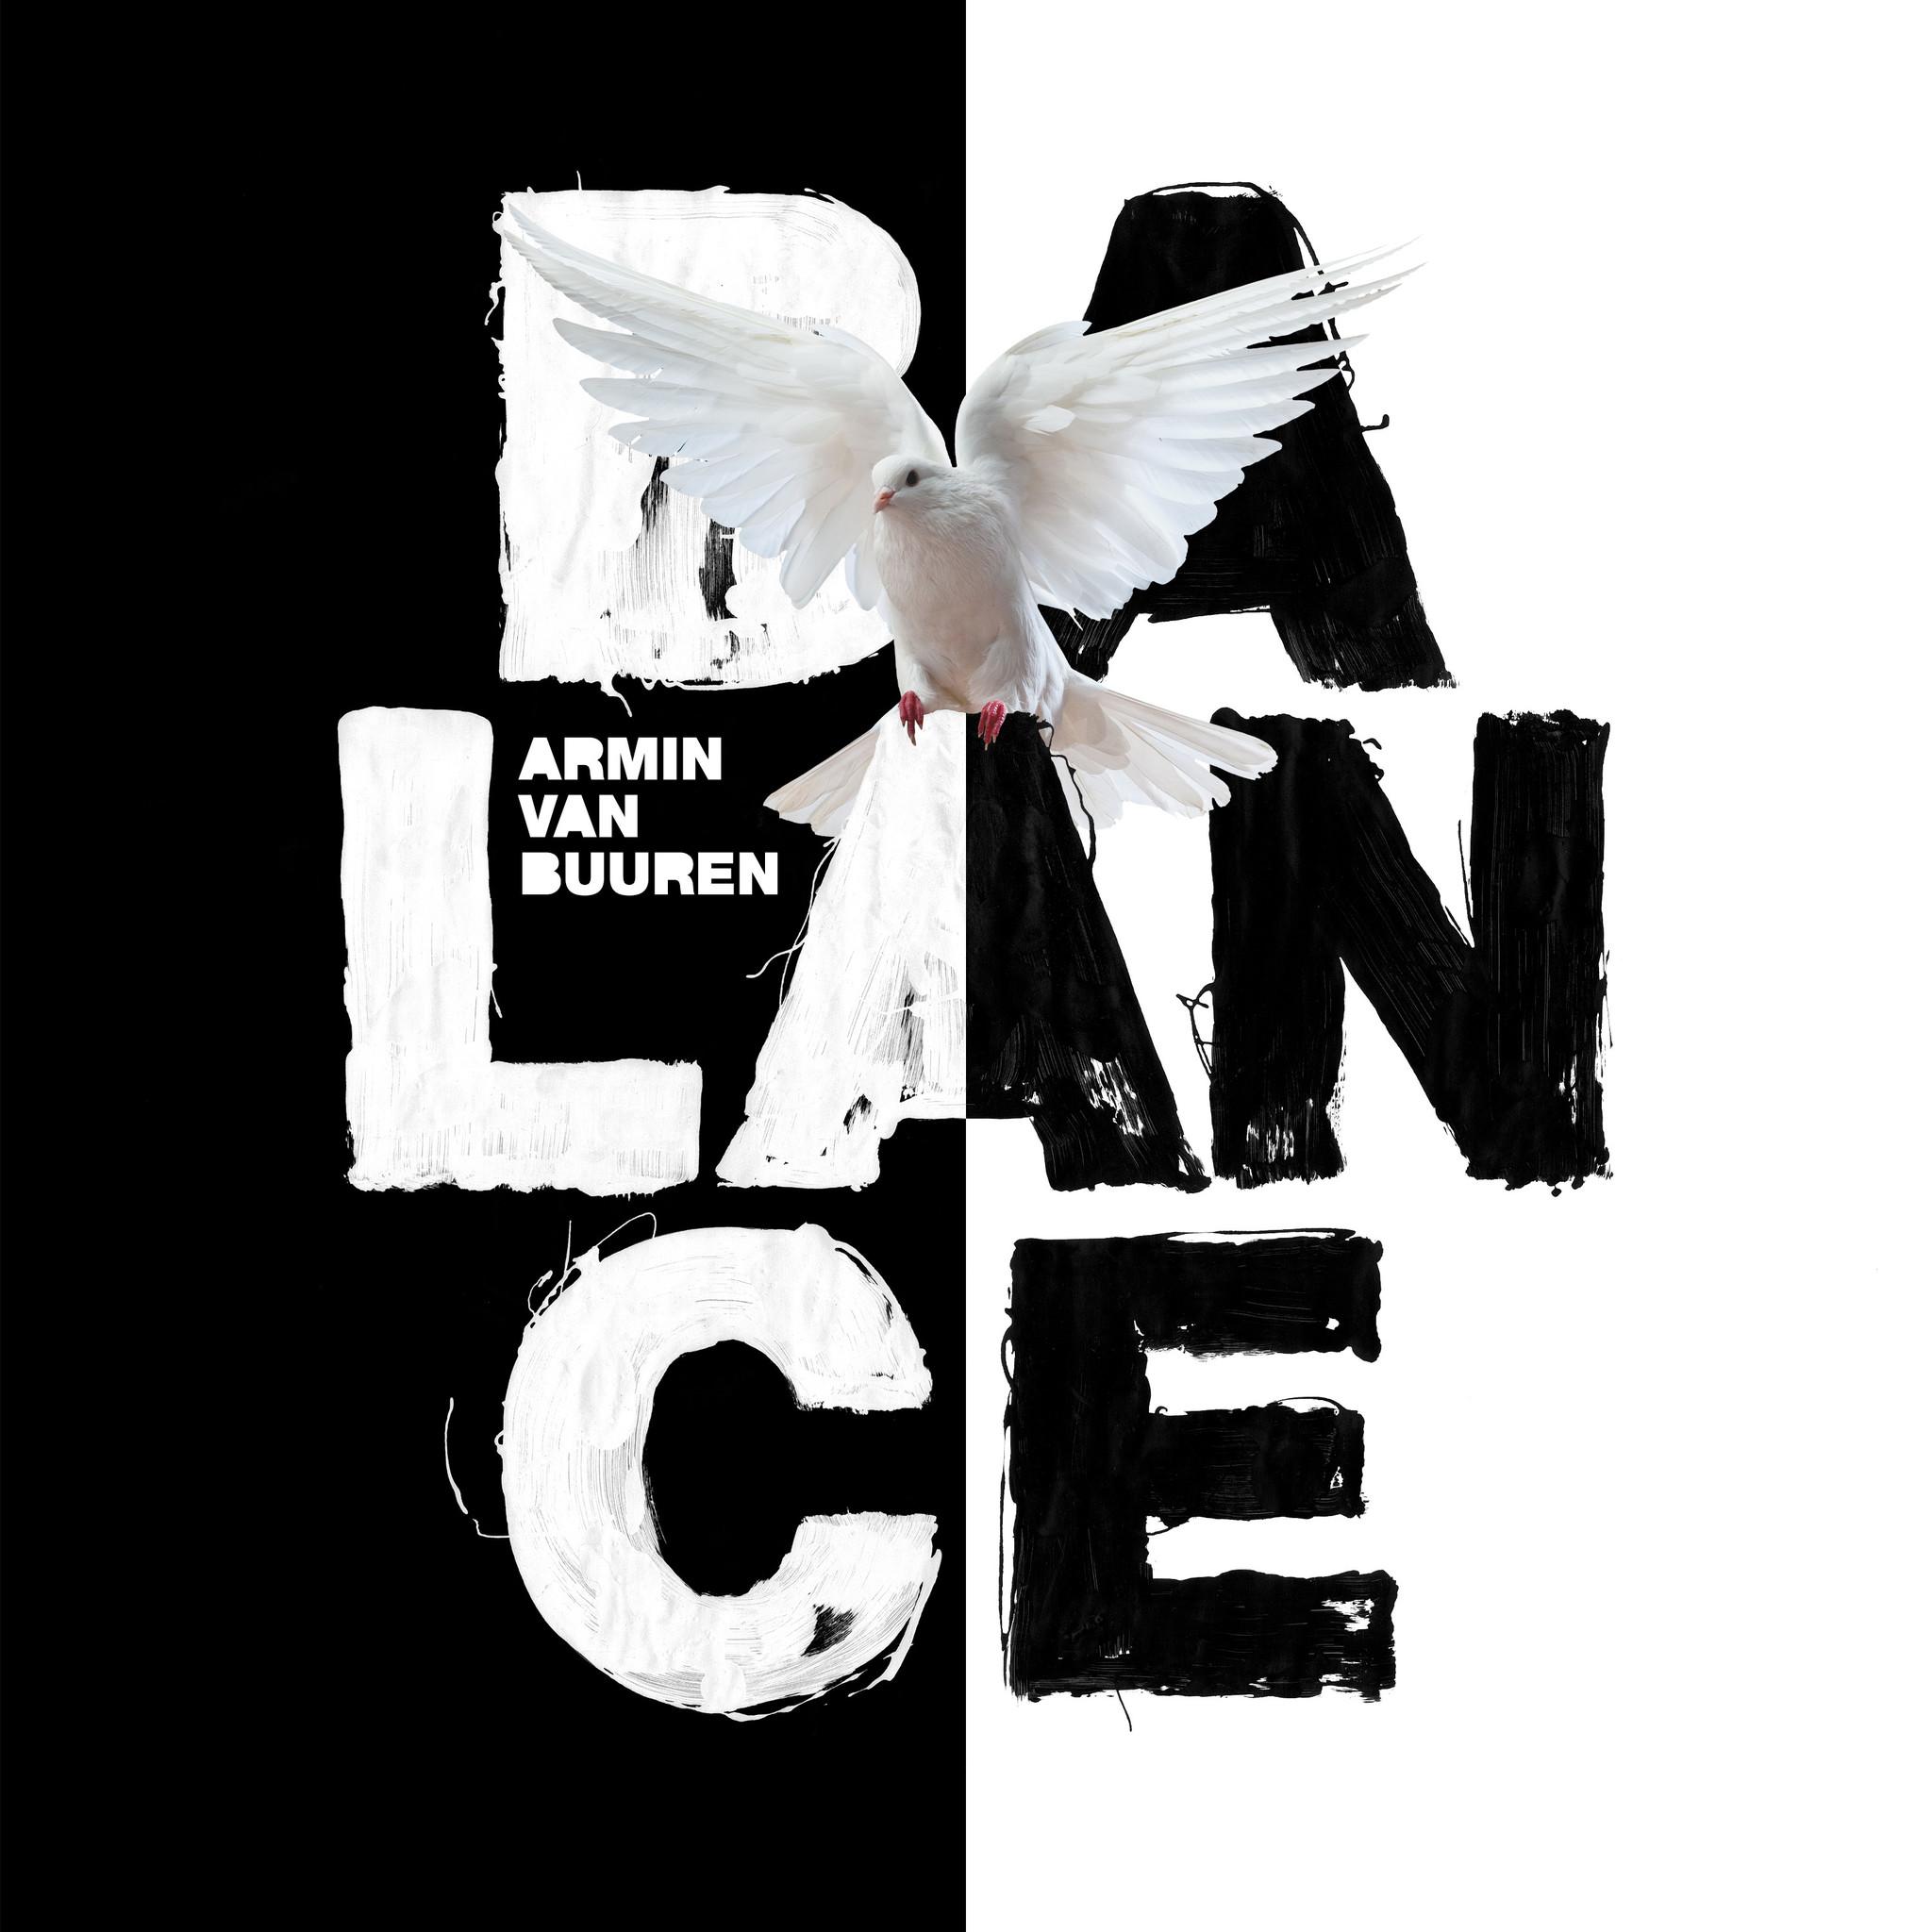 Armin van Buuren - Balance (2XCD)